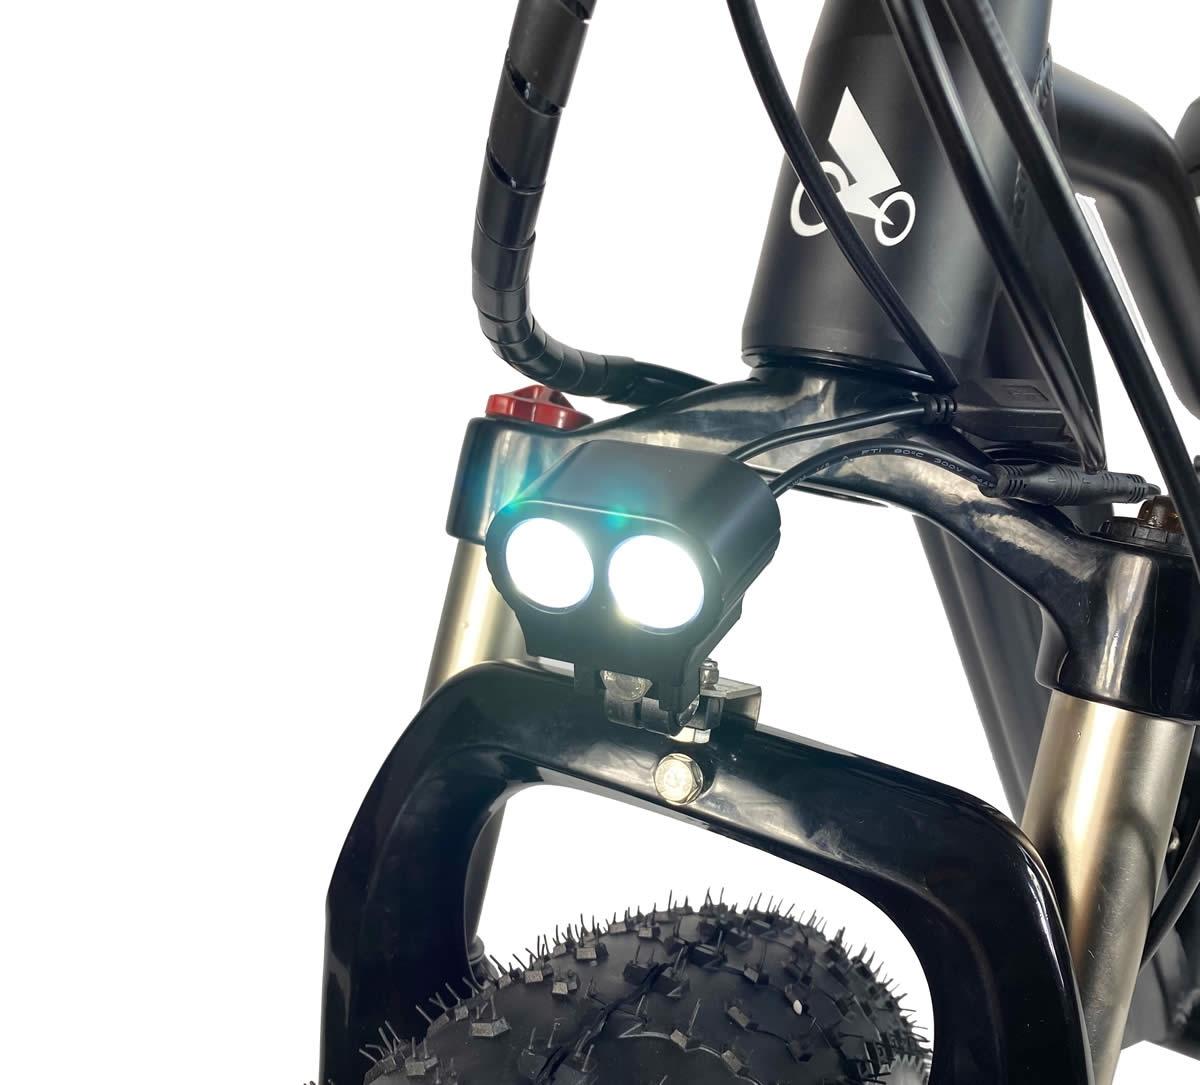 Światło LED, wodoodporne okablowanie i zawieszenie blokady